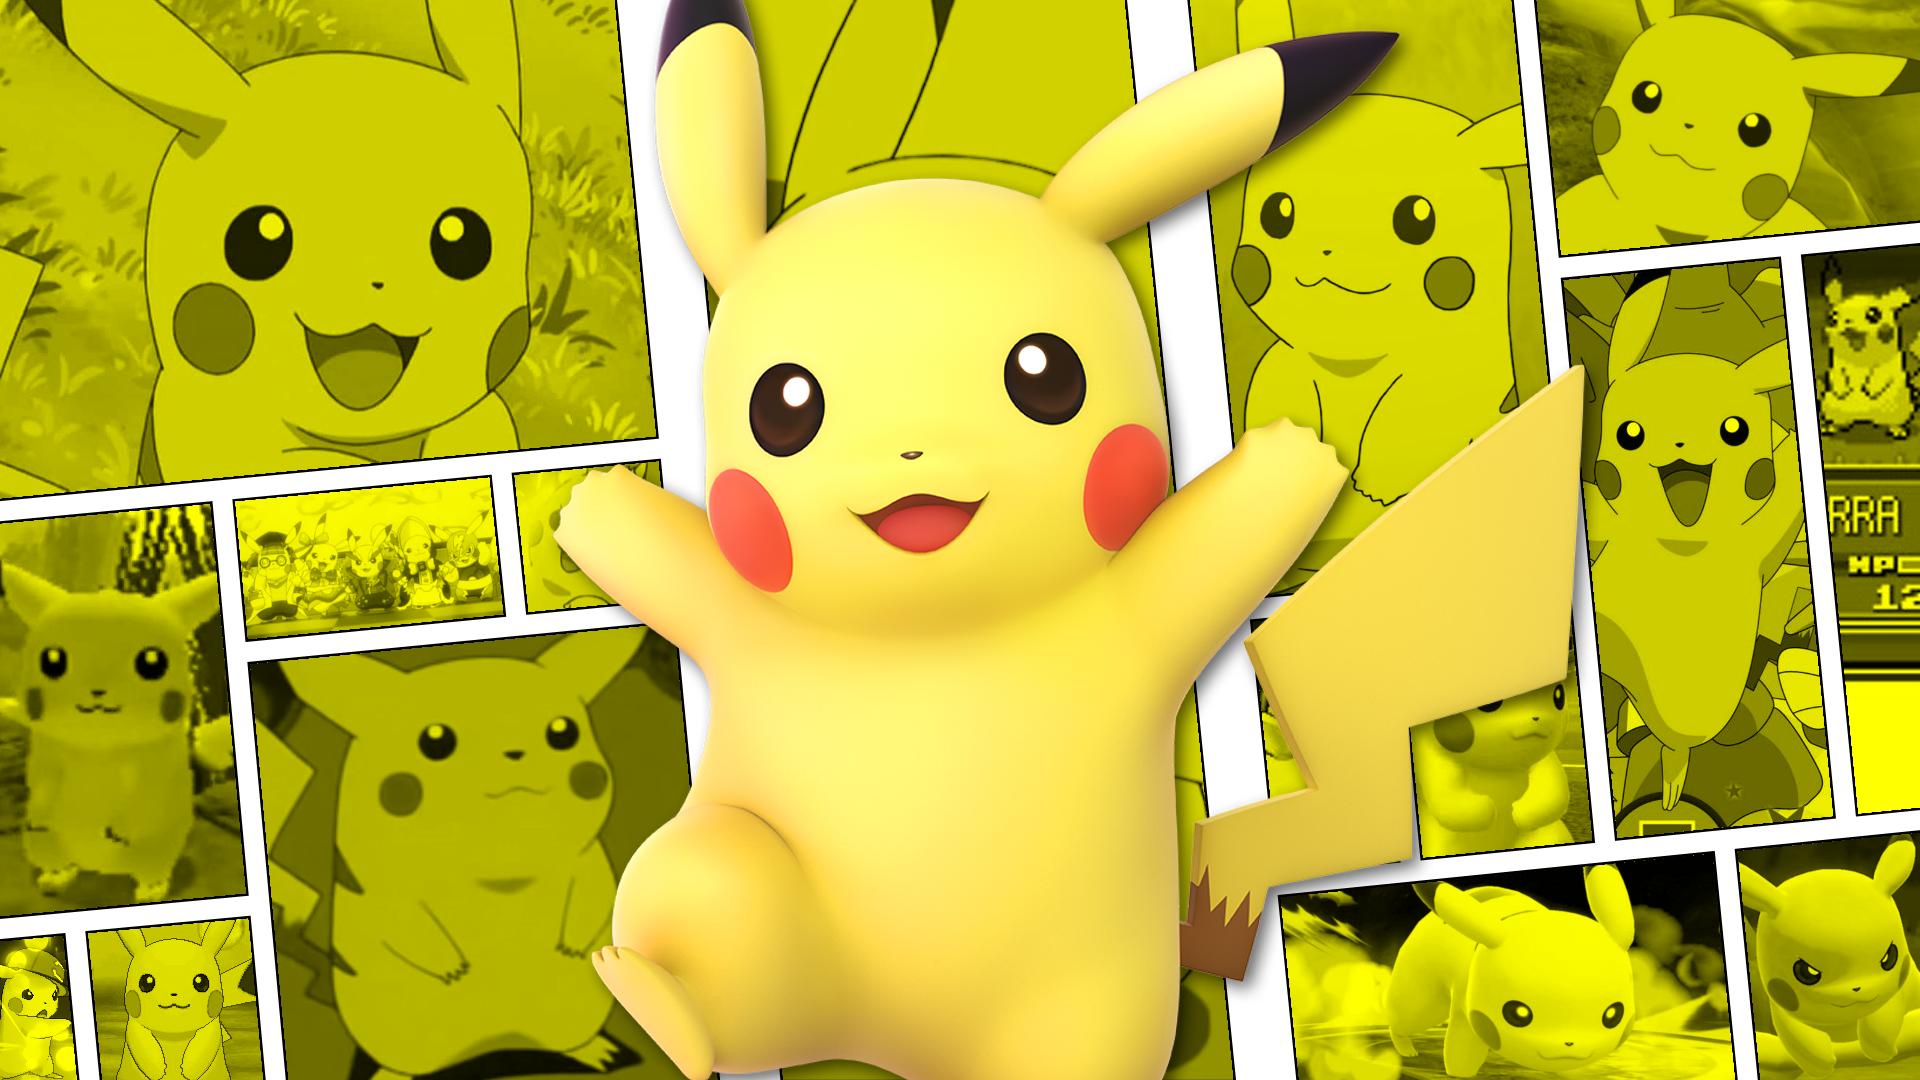 Hình nền Pikachu 3D